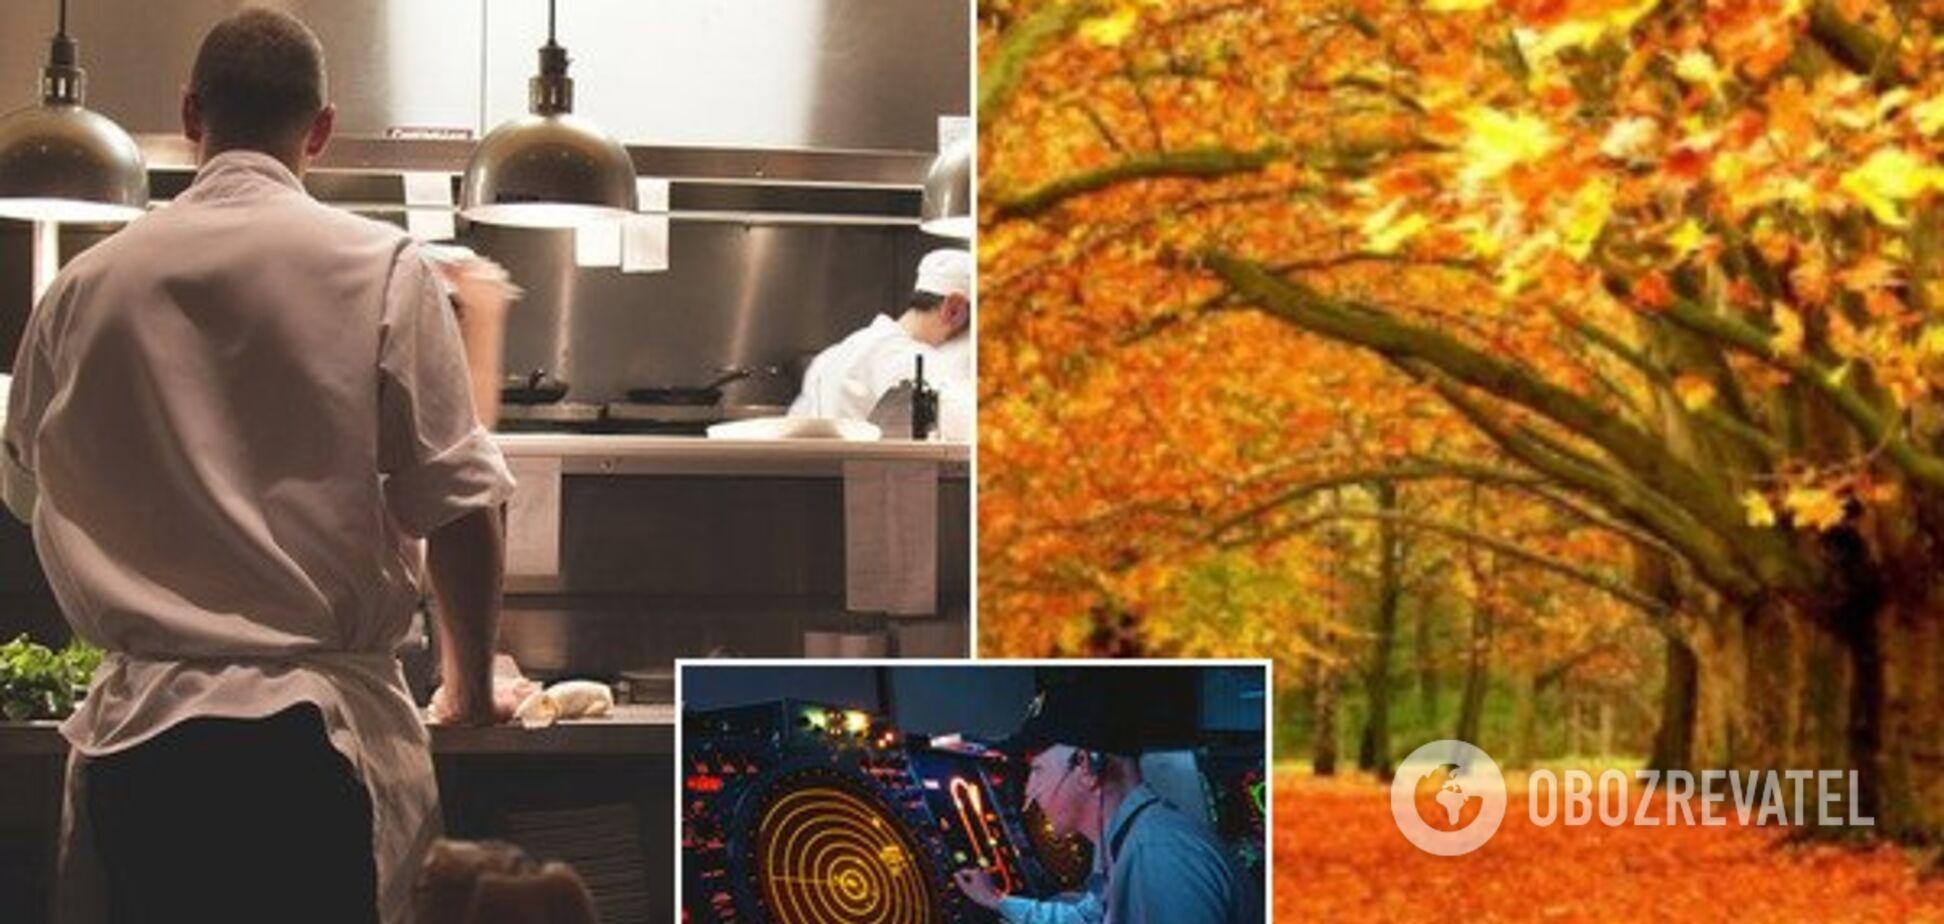 Приметы и праздники 20 октября: что нельзя делать